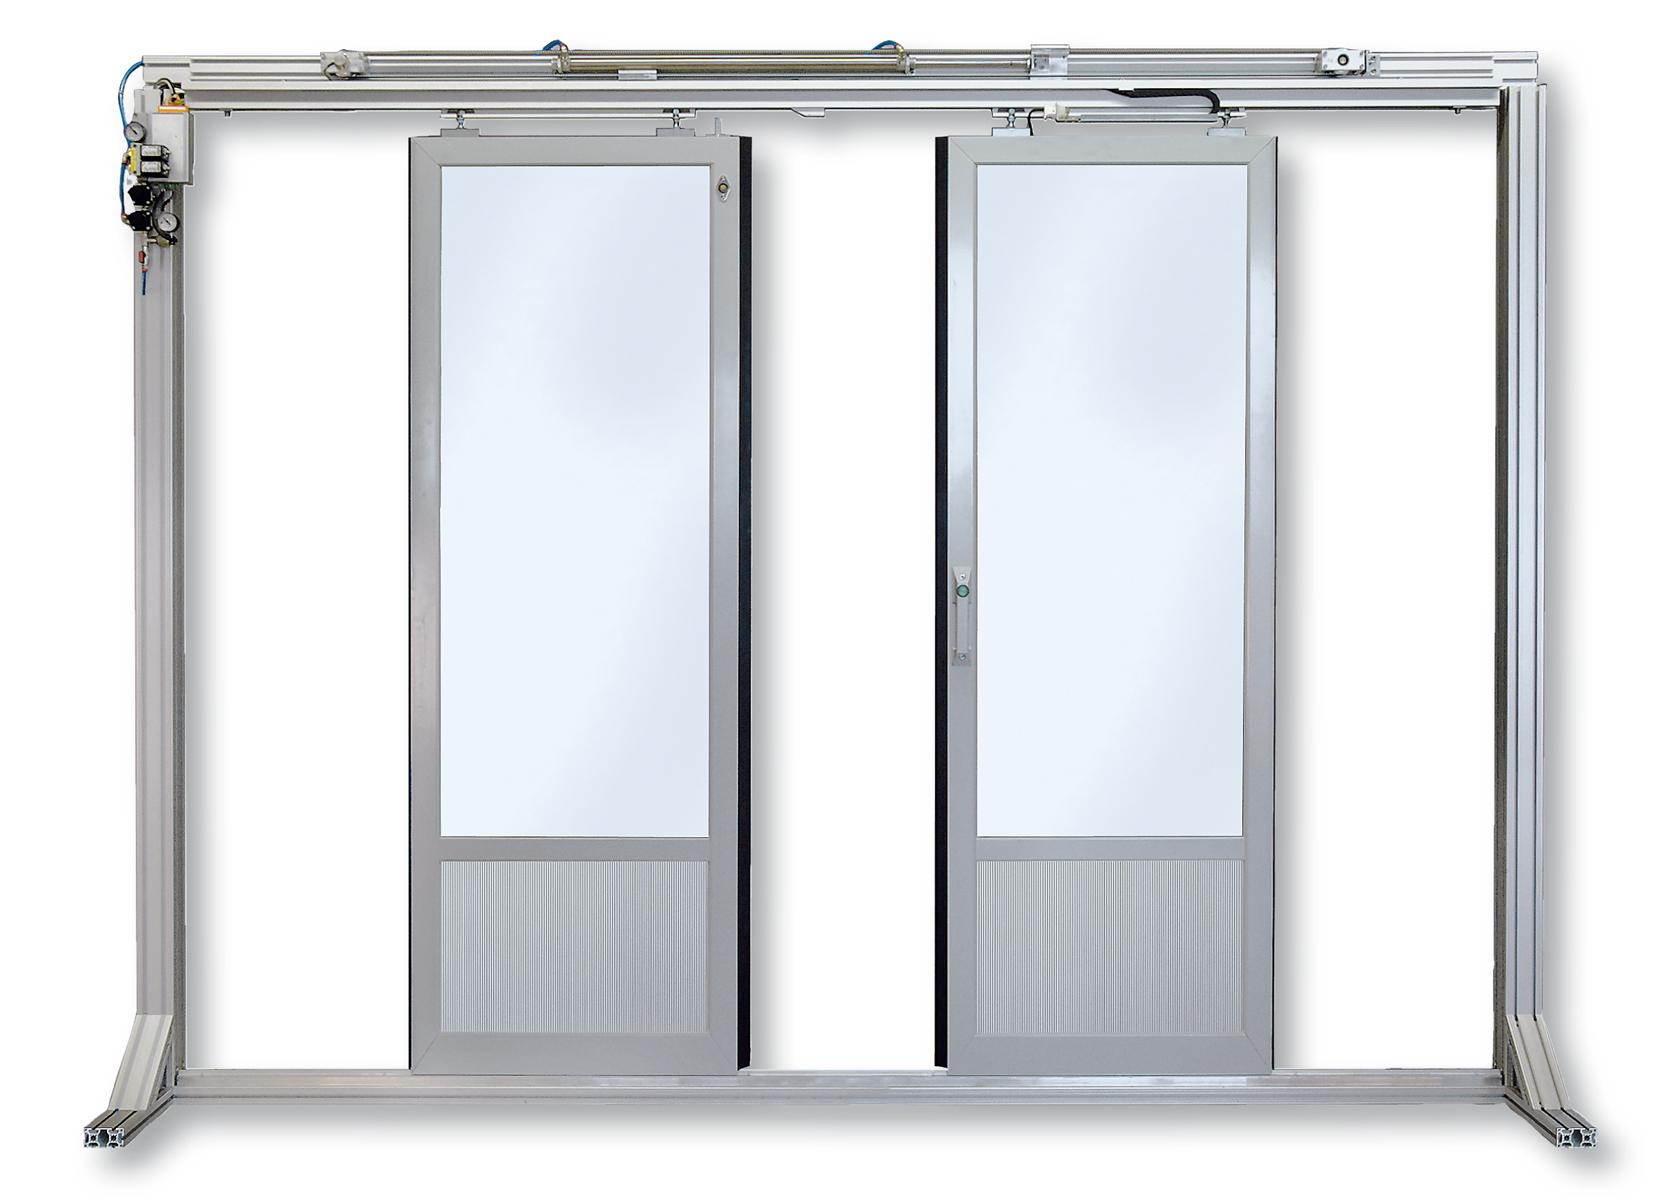 Türführung für zweiflügelige Türen